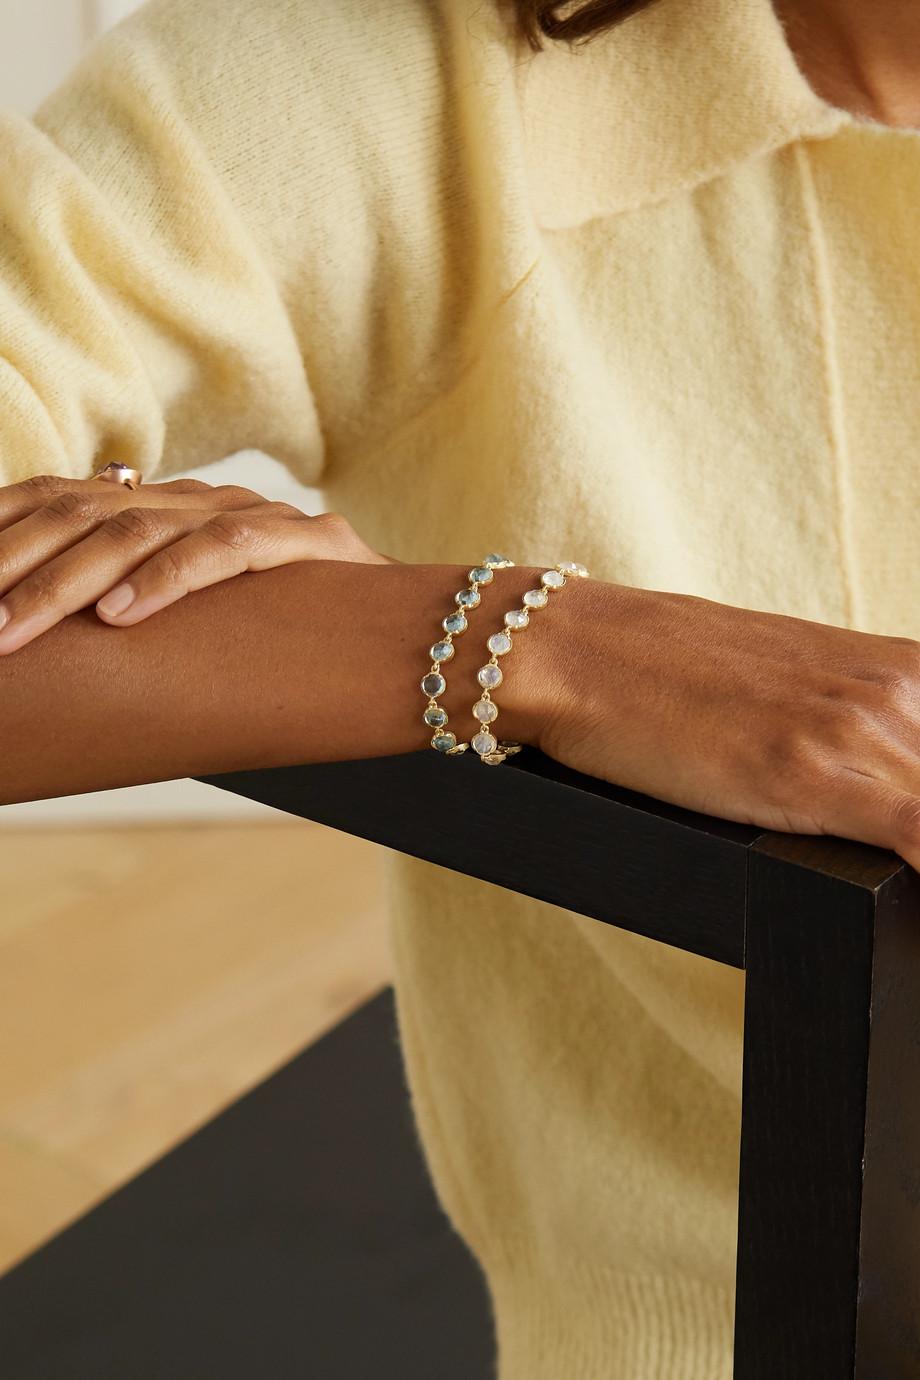 Irene Neuwirth Classic Armband aus 18 Karat Gold mit Mondsteinen